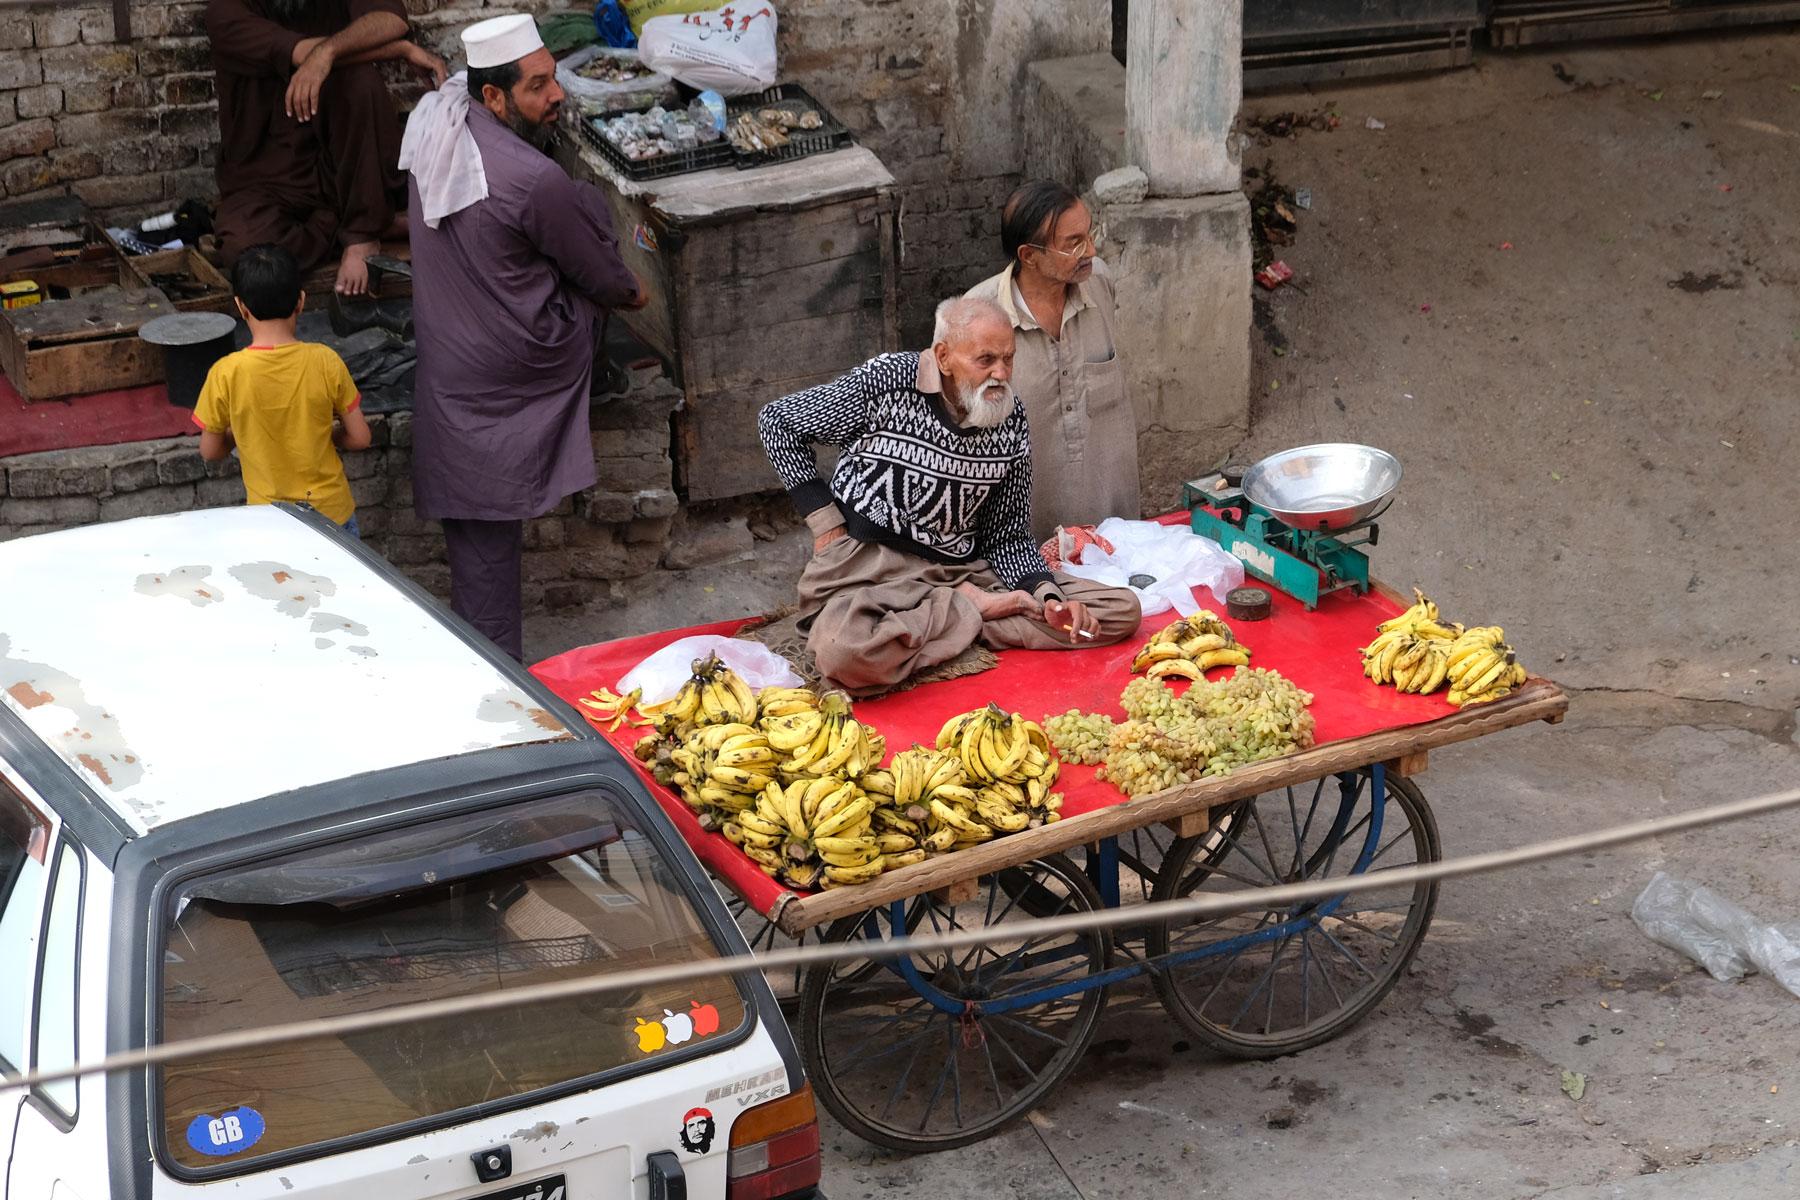 Bananen gibt es auf der Straße zu kaufen